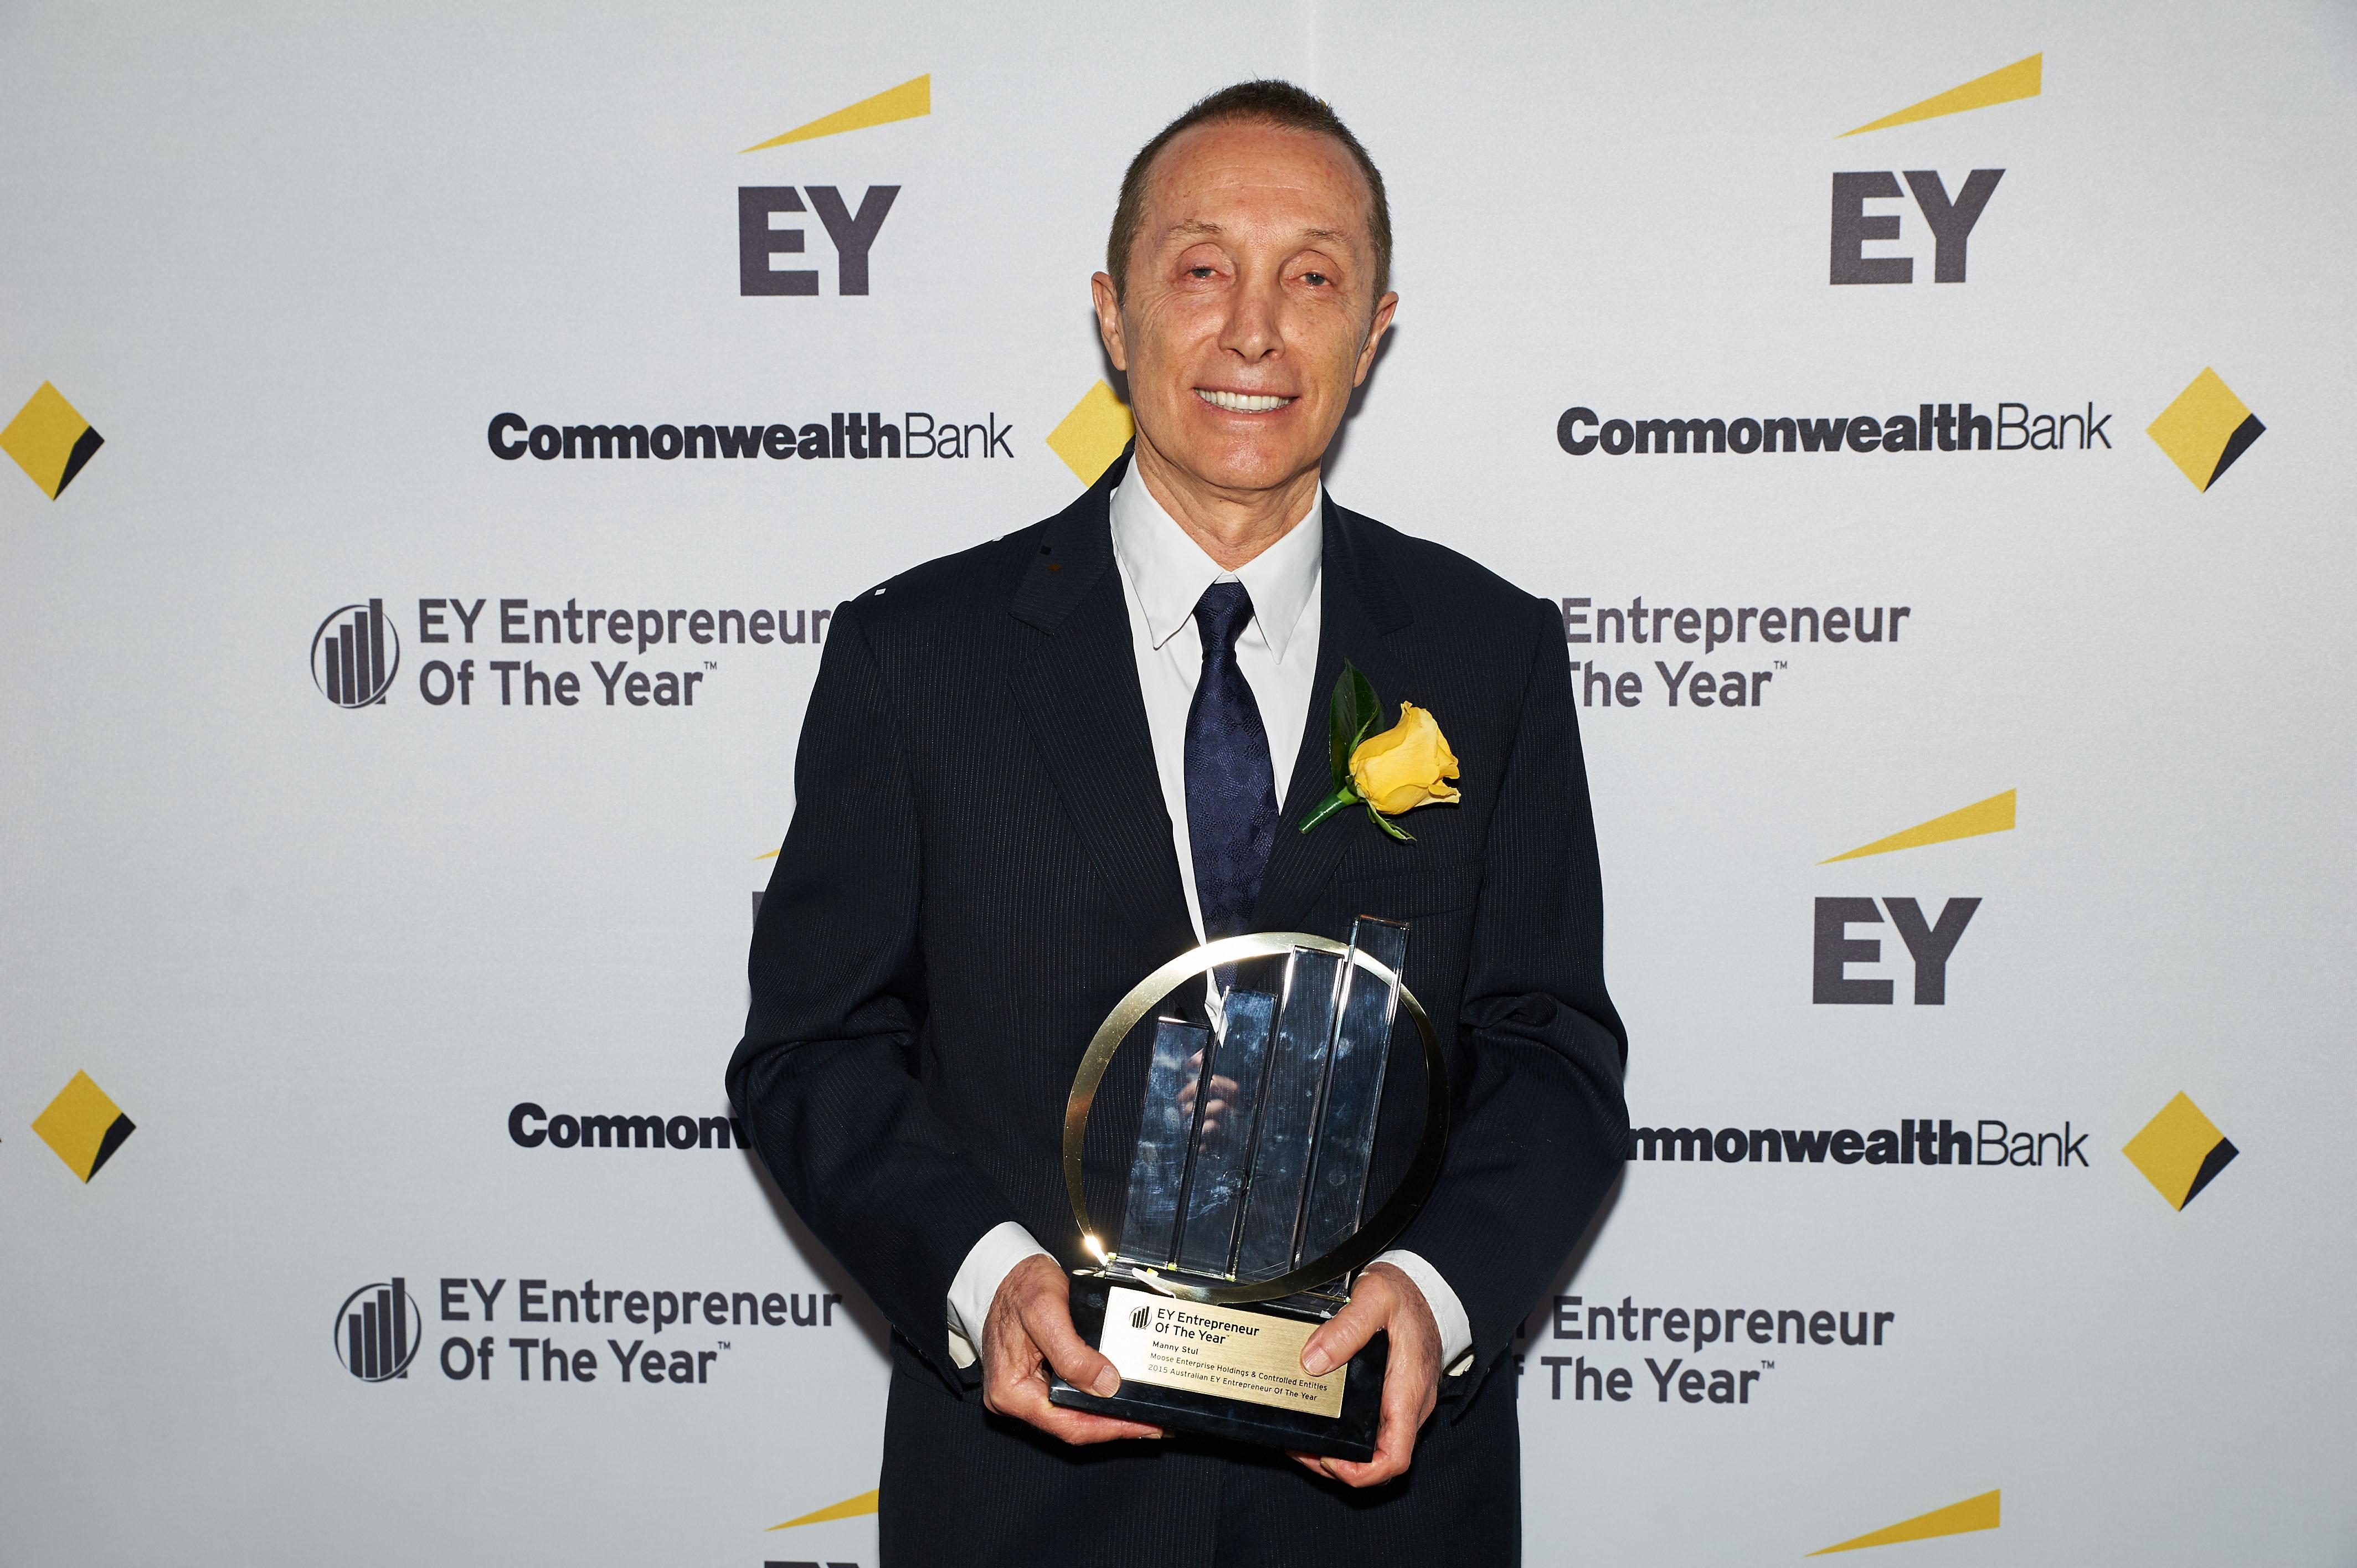 ey entrepreneurs, boss magazine